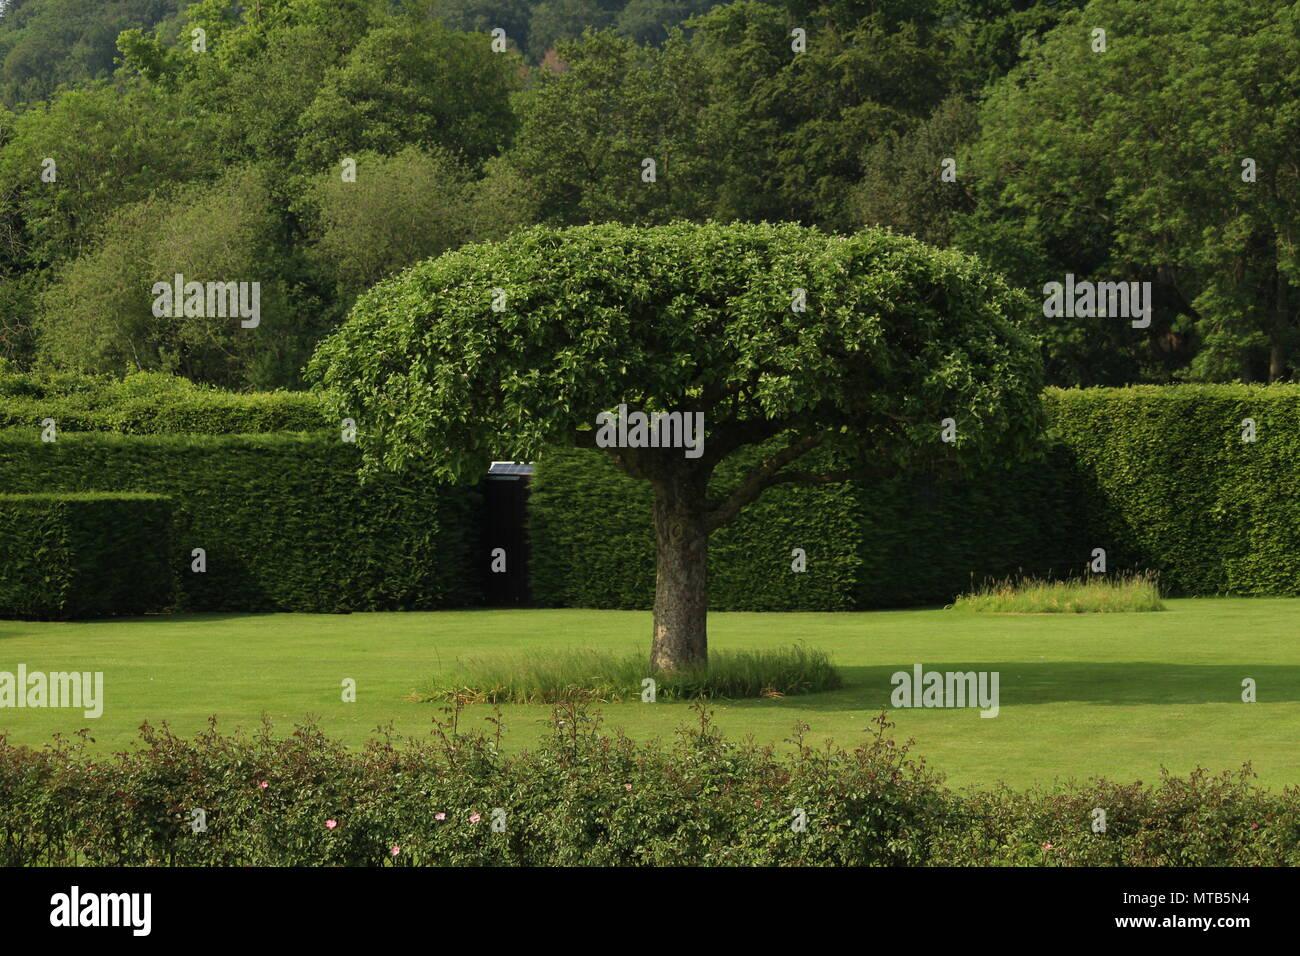 Plantes et Jardin design - Arbre fournissant belle point central au ...